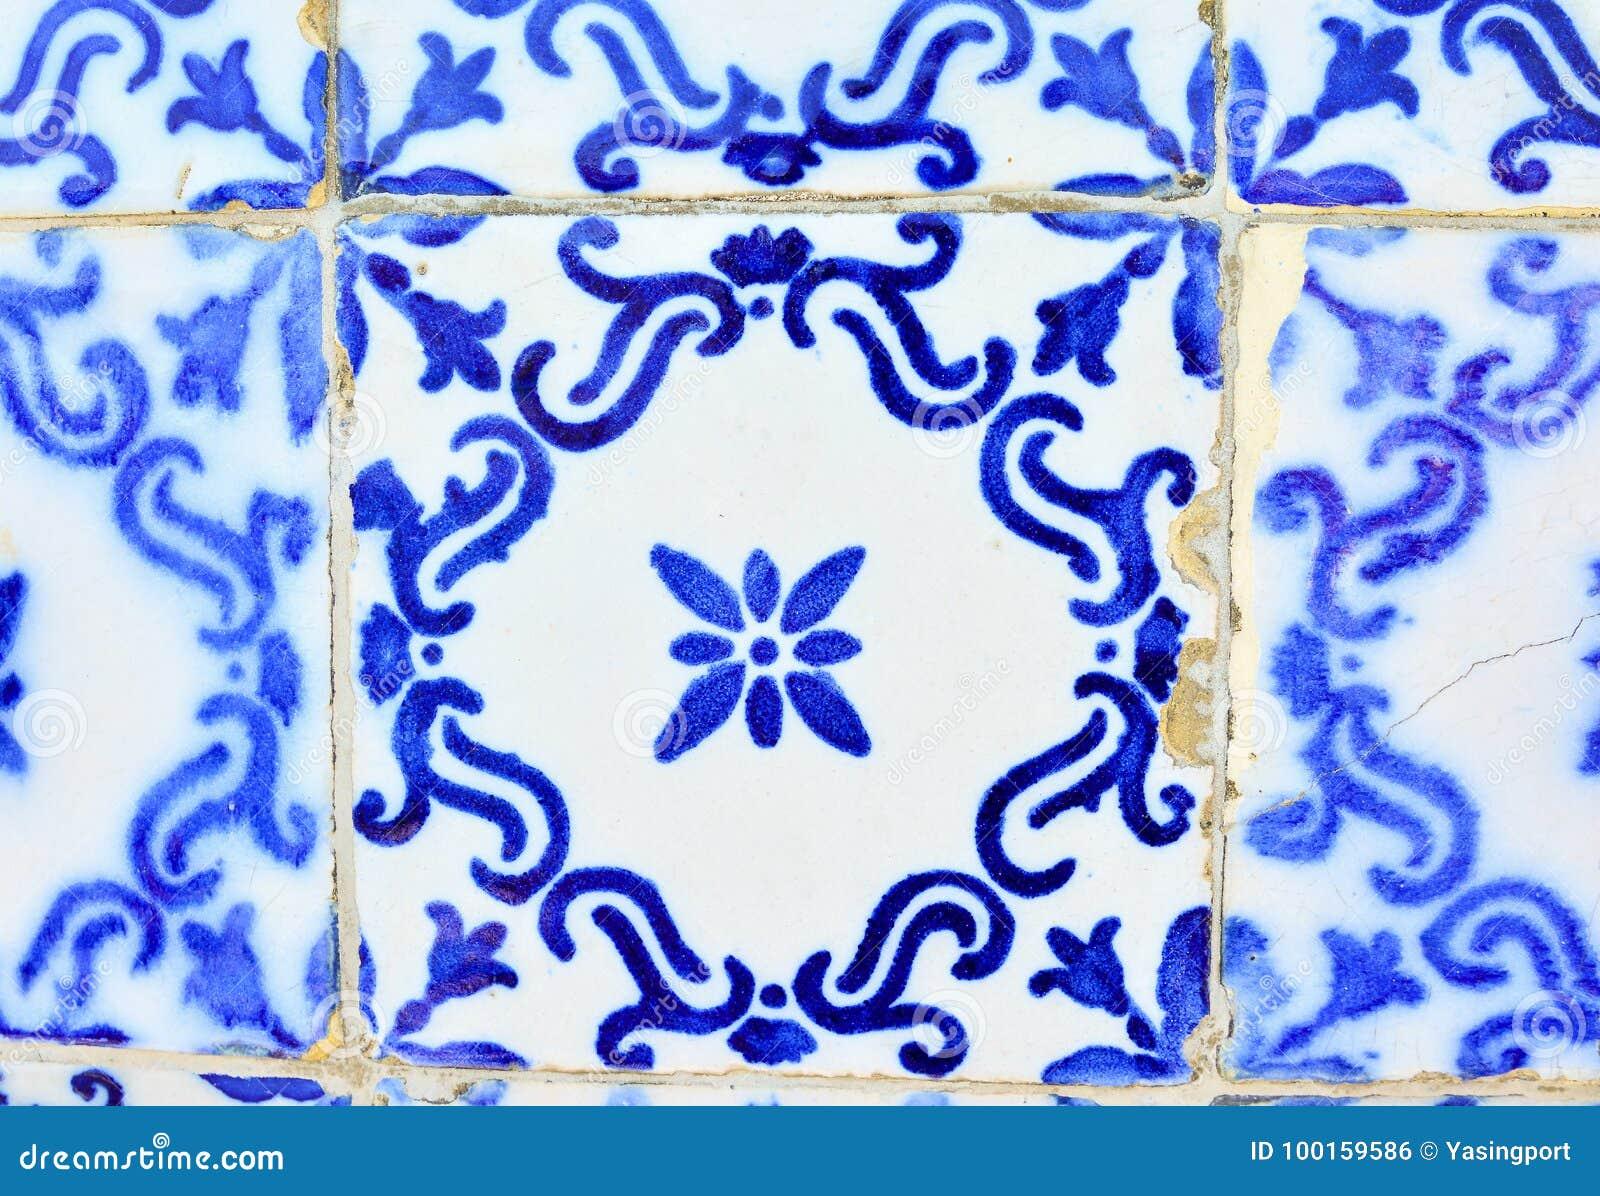 Typiska gamla tegelplattor av Portugal, detalj av en klassisk azulejo för keramiska tegelplattor